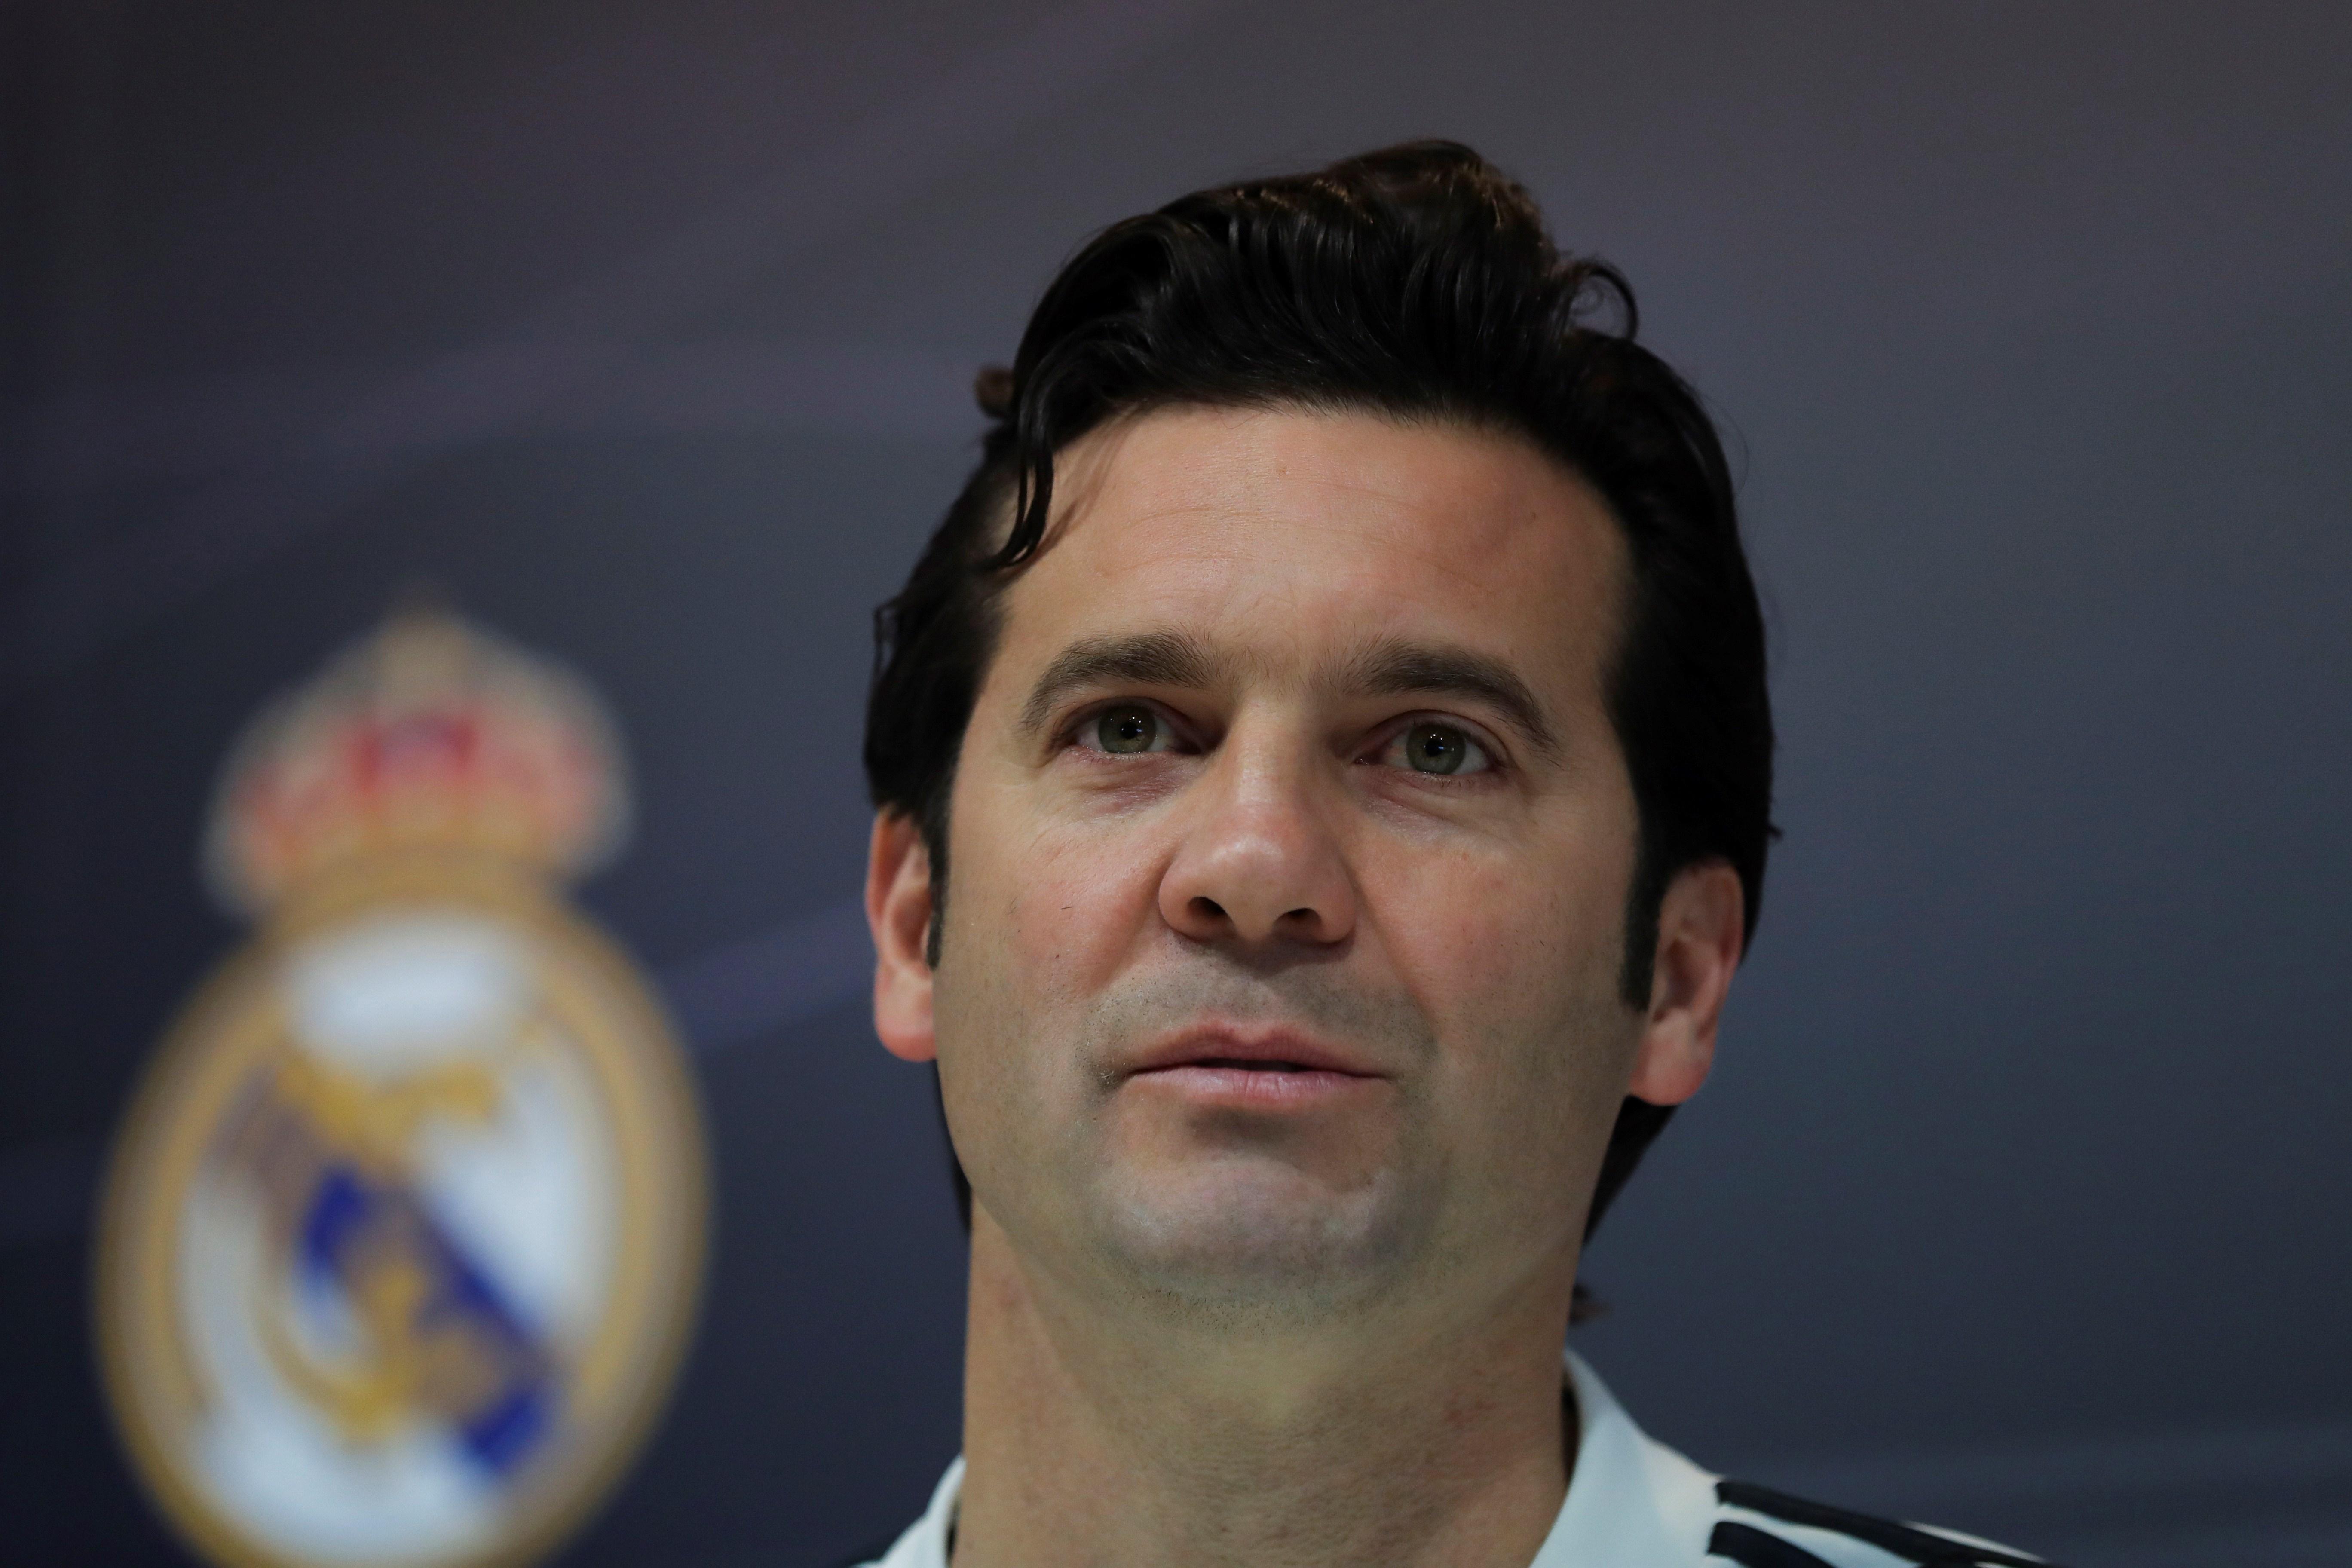 Santiago Solari, entrenador del Real Madrid, habló del buen momento de Karim Benzema y de los exigentes compromisos que afrontará en las próximas fechas (Foto Prensa Libre: EFE)